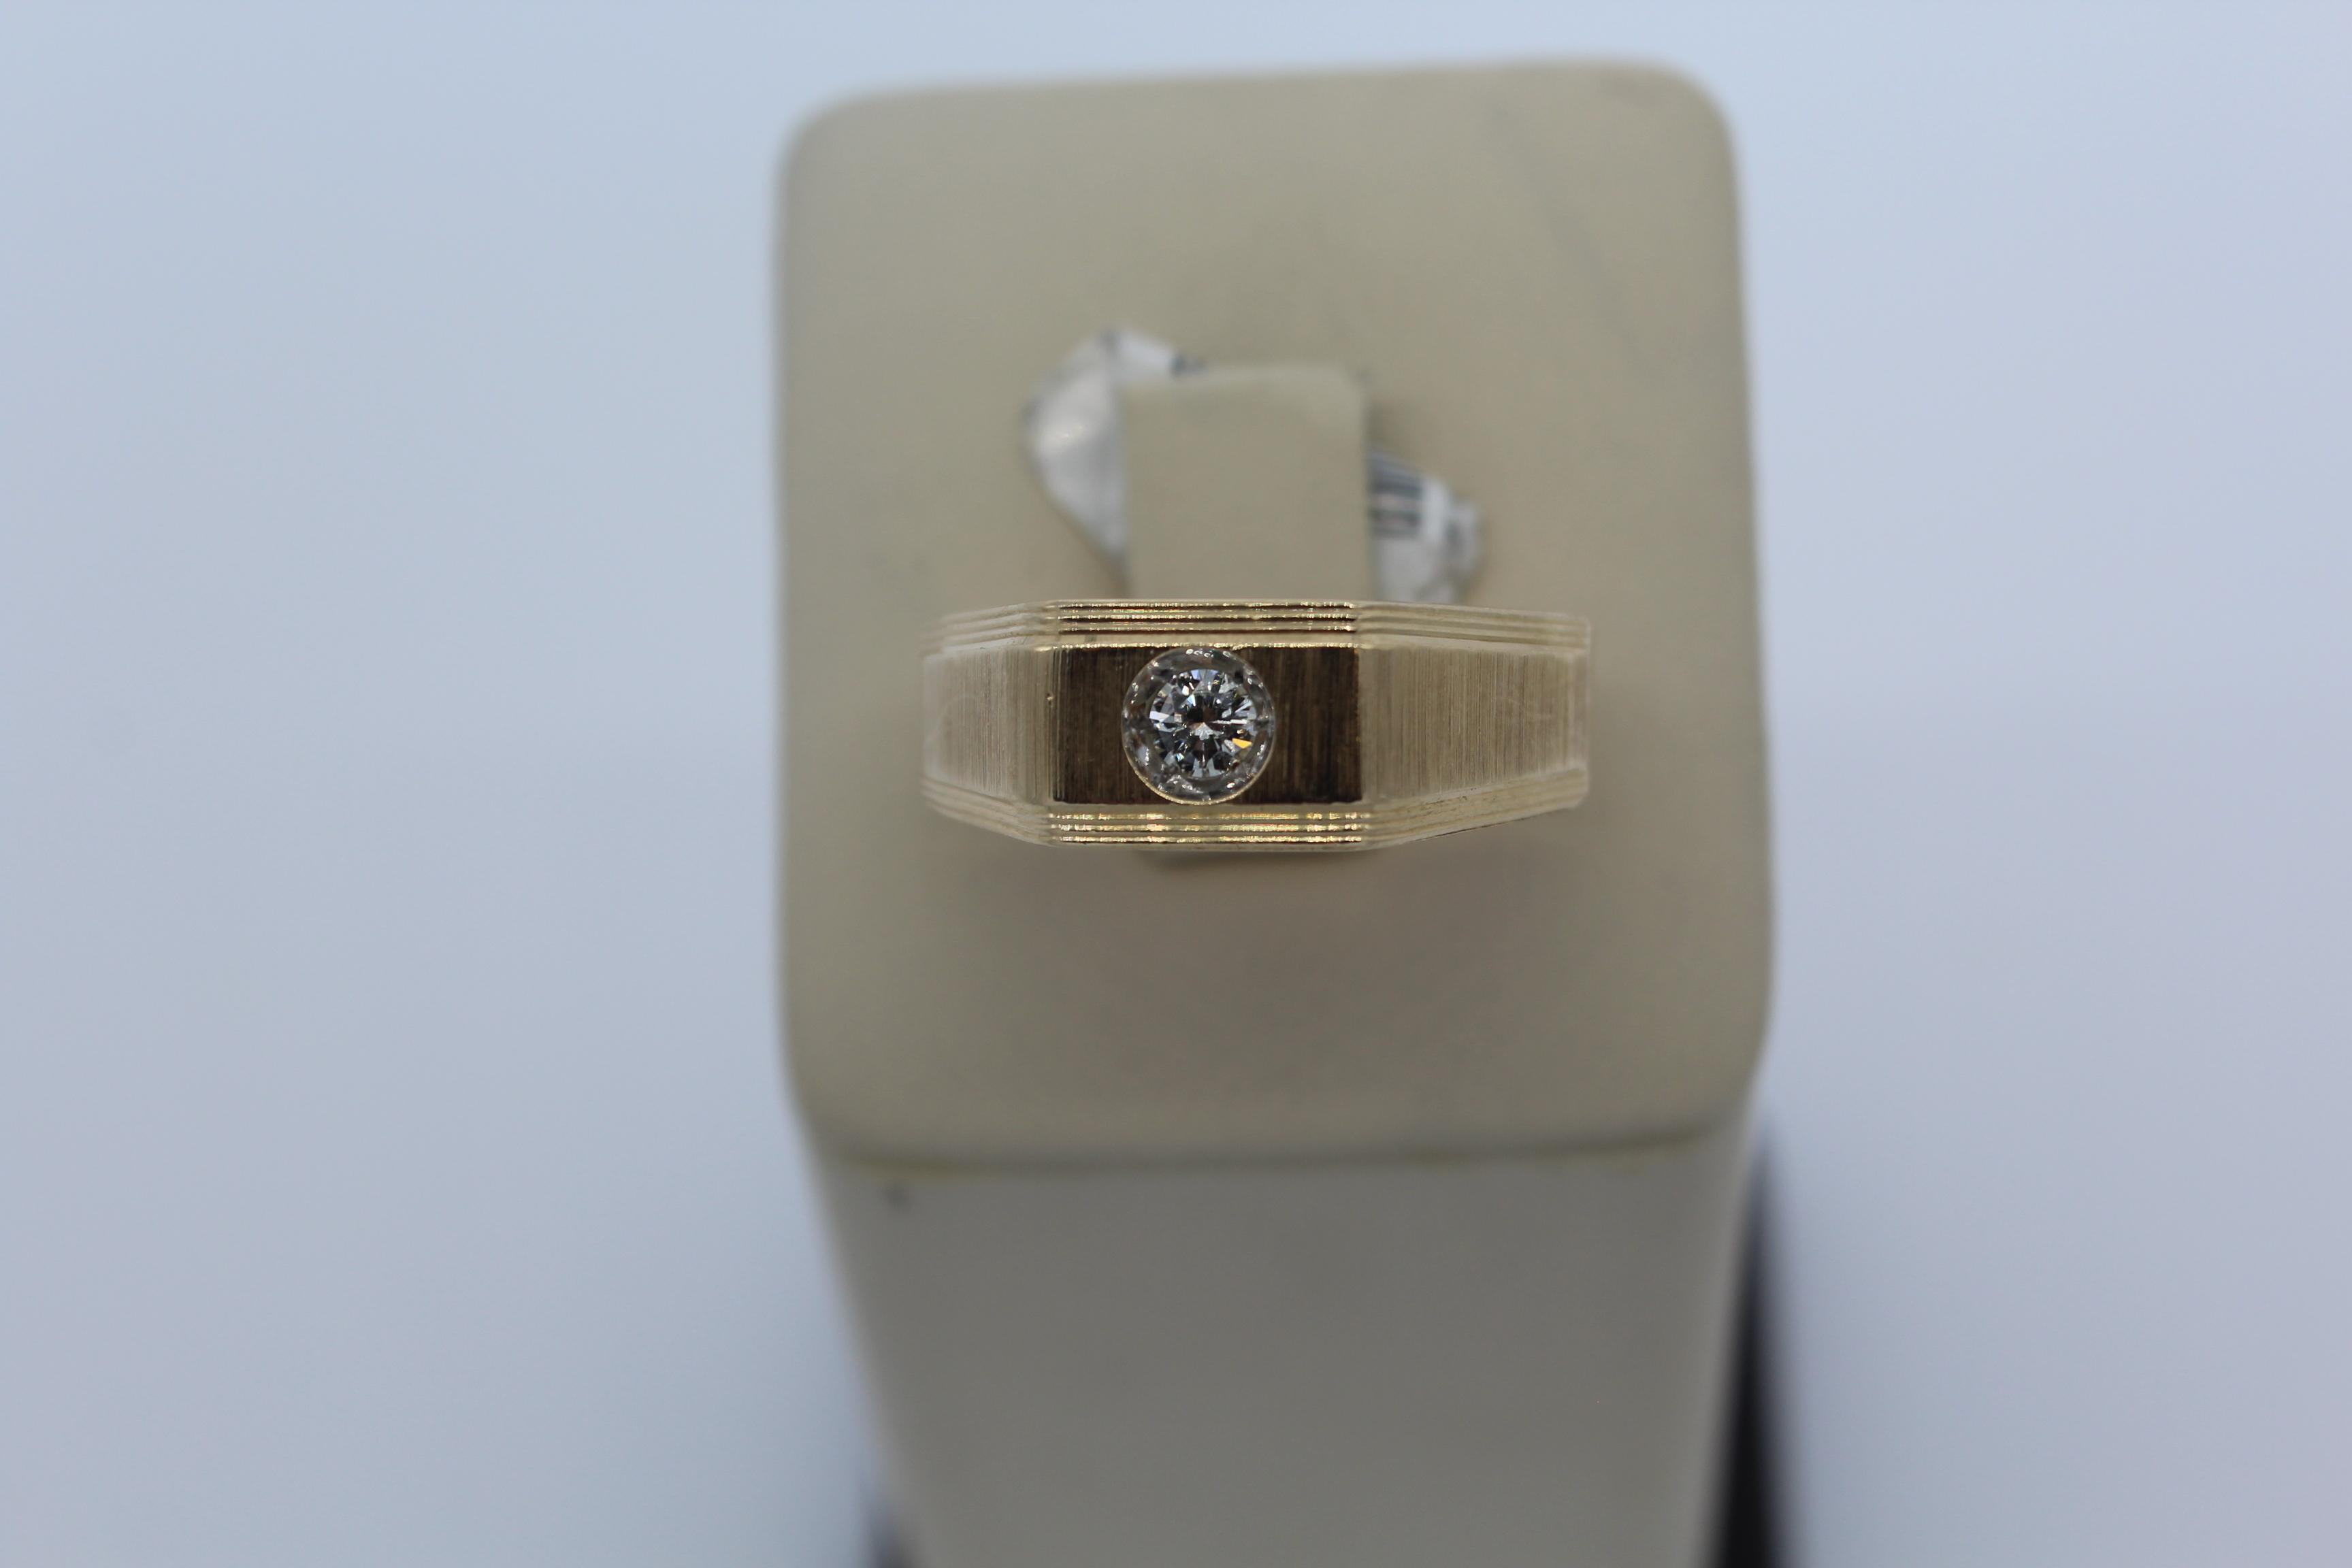 14K Yellow Gold Men's Ring